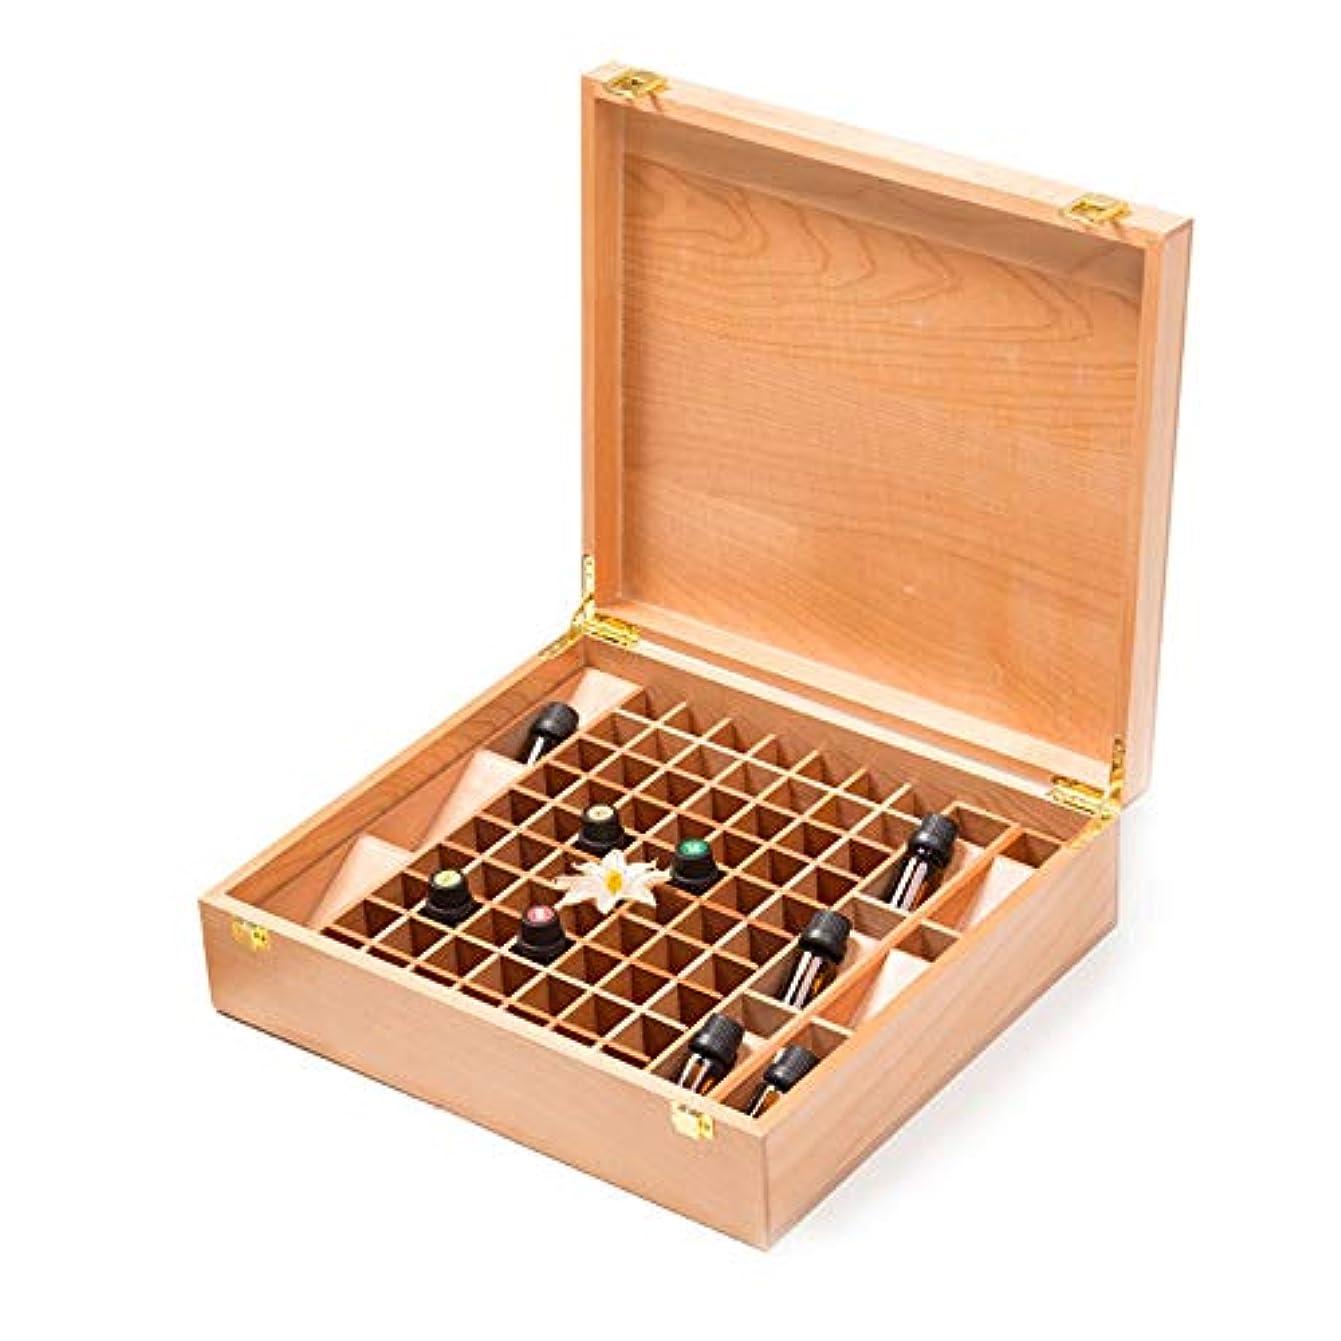 実現可能性司令官液体エッセンシャルオイル収納ボックス 手作りの木製エッセンシャルオイルストレージボックスパーフェクトエッセンシャルオイルのケースは、70本の油のボトルを保持します (色 : Natural, サイズ : 44X31.5X10.5CM)